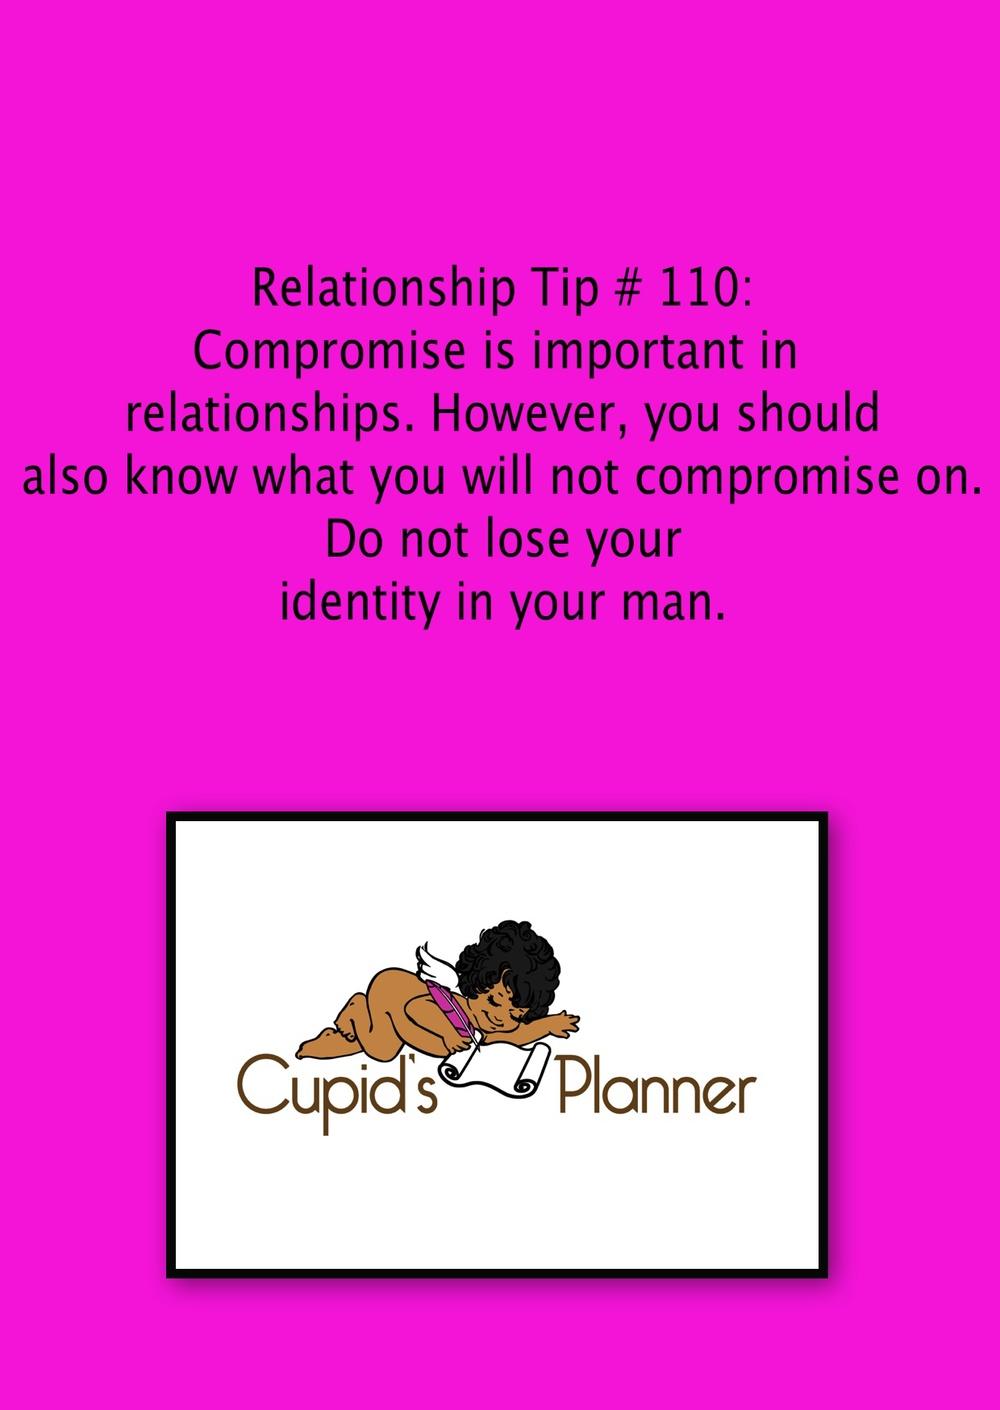 Relationship Tip # 110